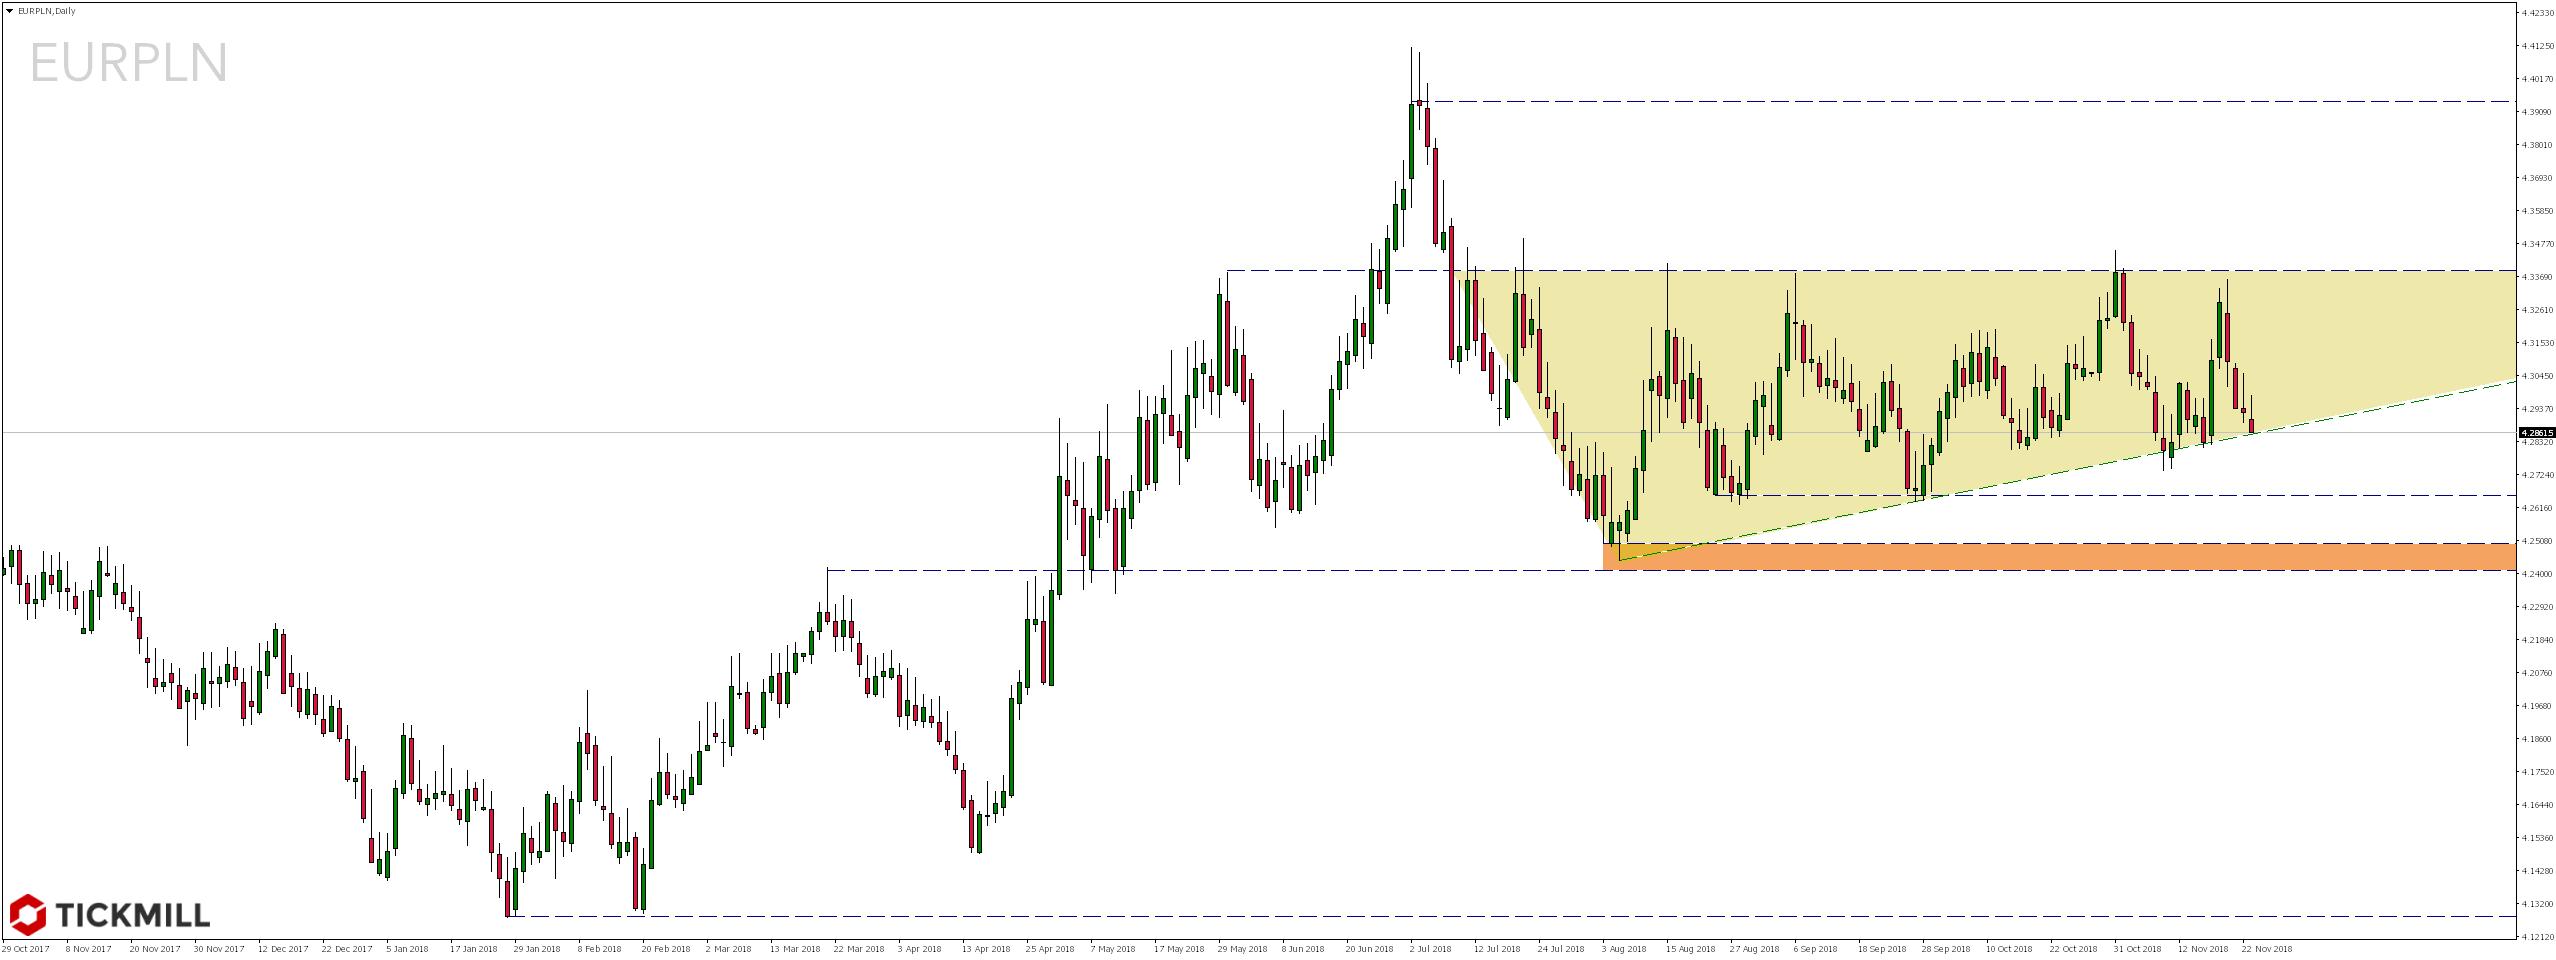 Notowania pary walutowej EURPLN